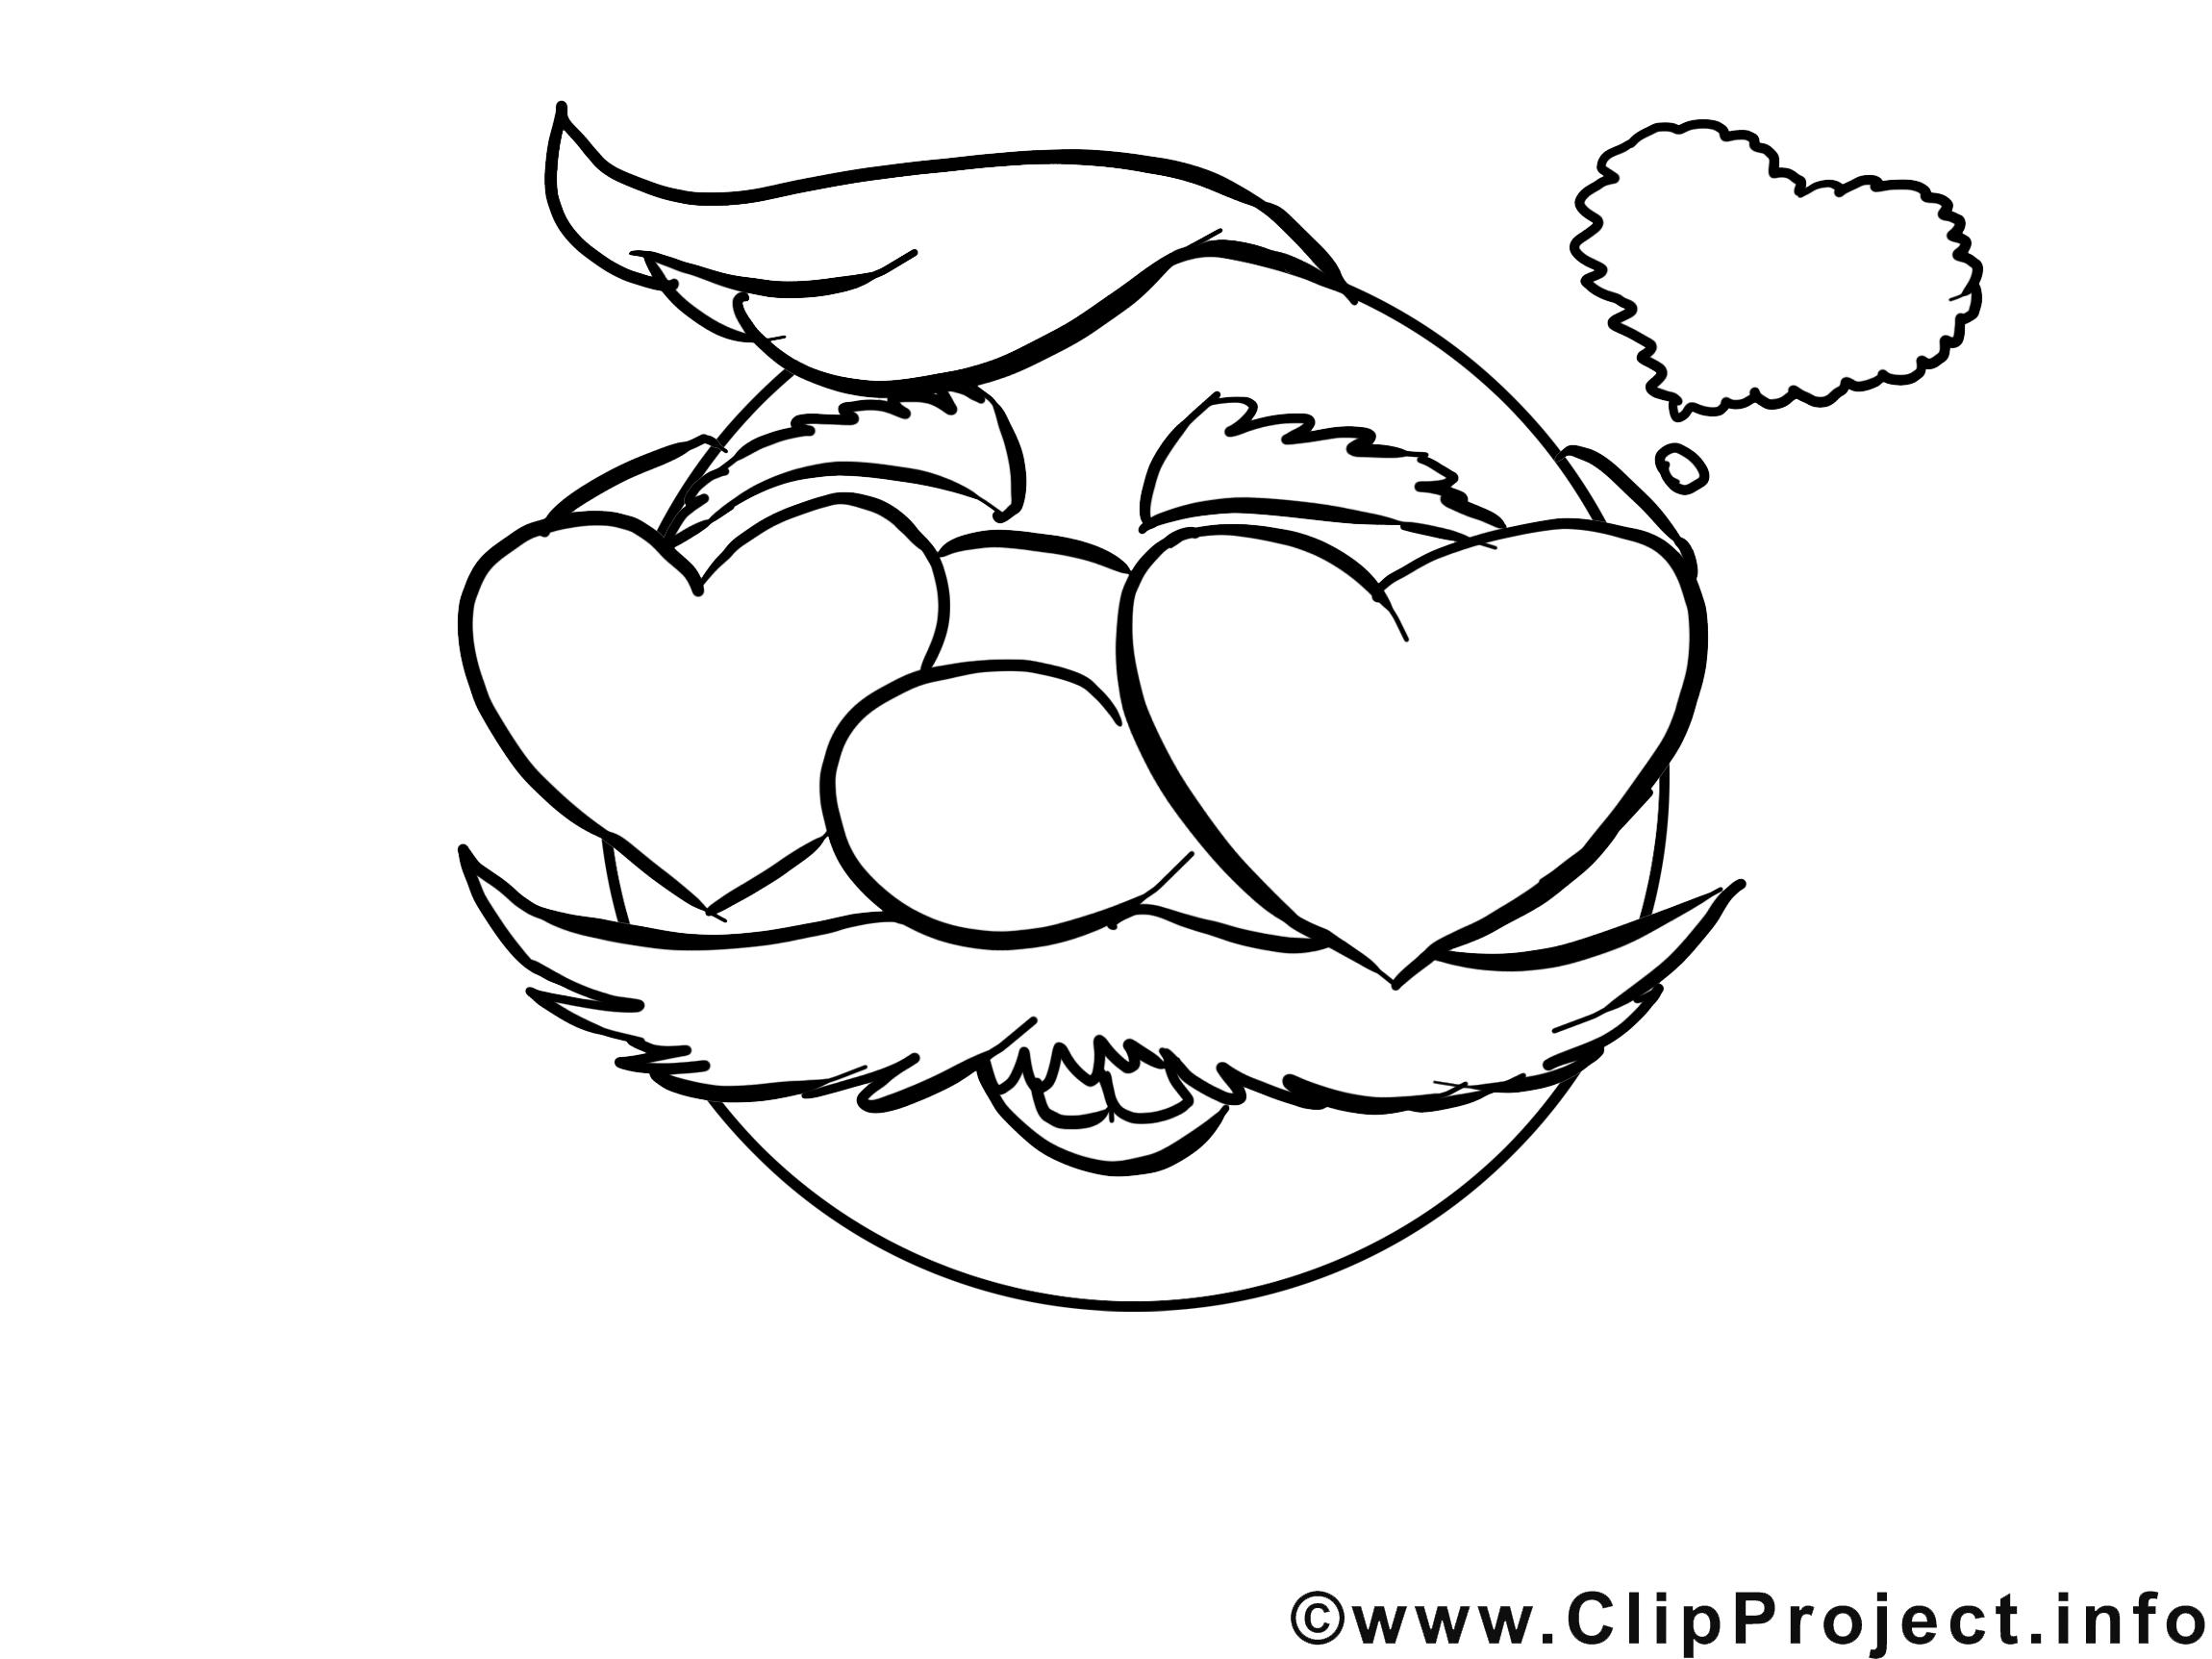 Amoureux clip art – Émoticônes image à colorier